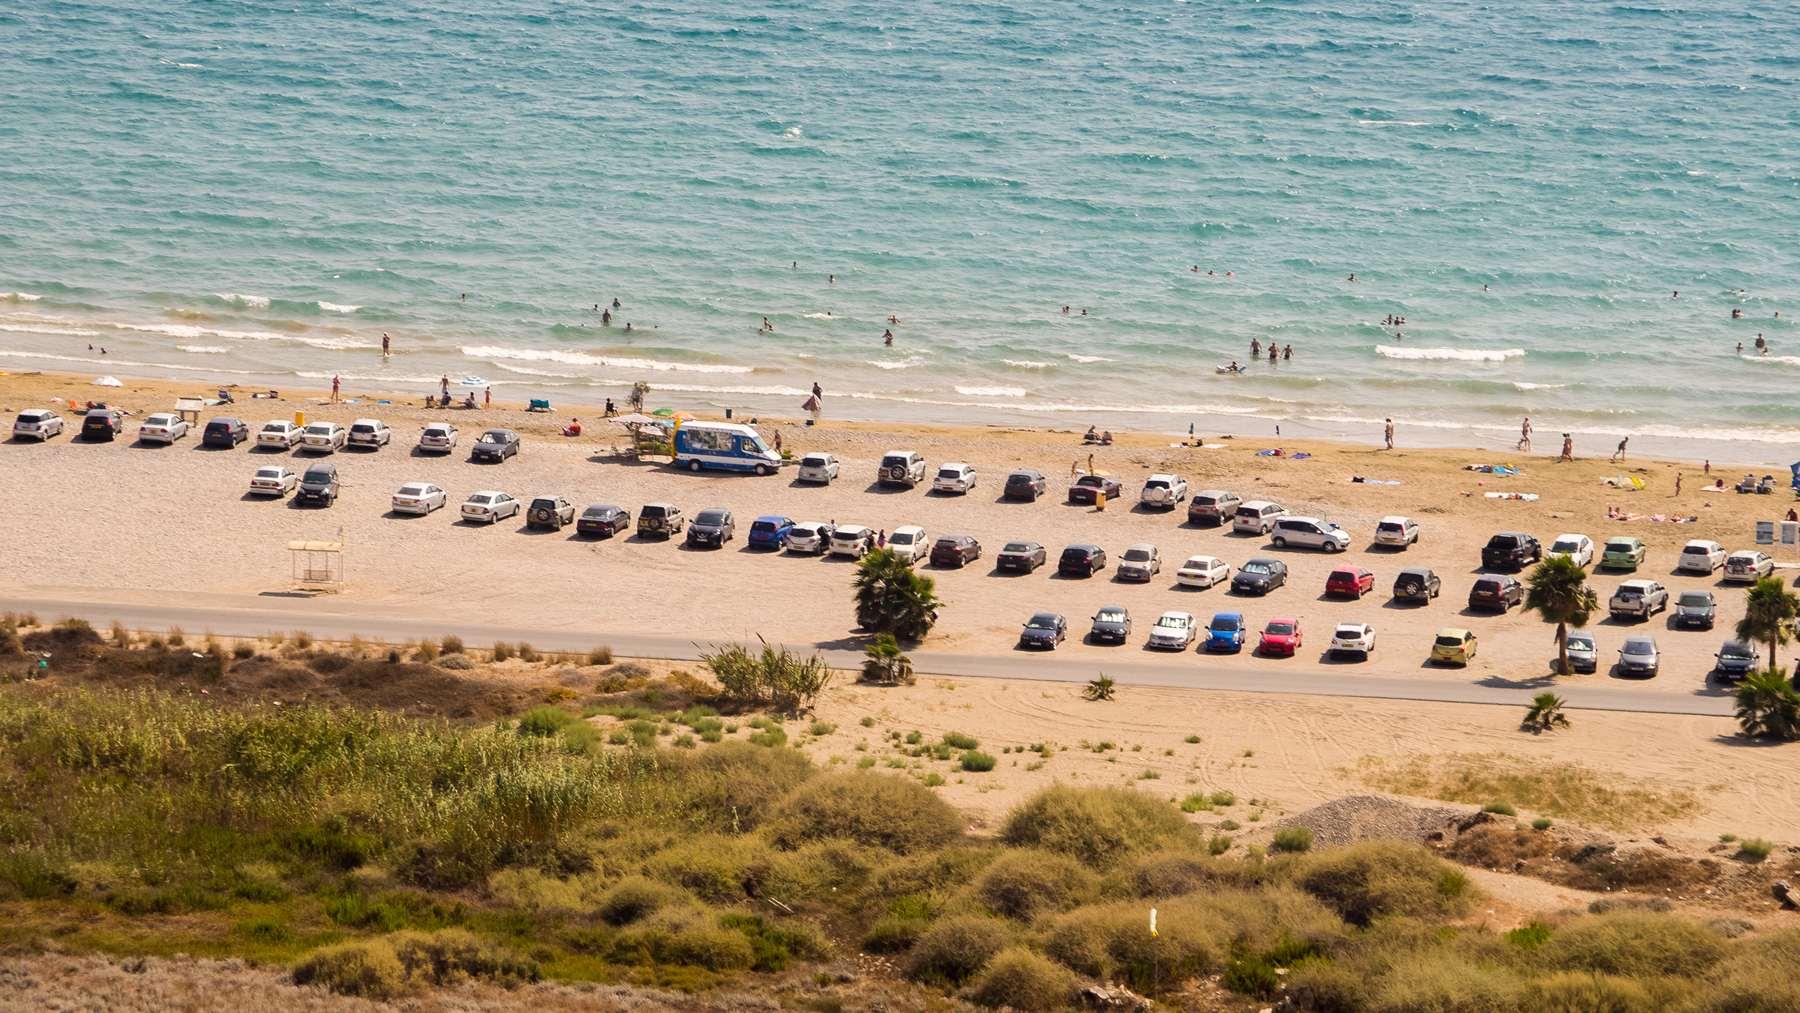 Отдыхающие люди и их машины на пляже Курион (Coureon beach)